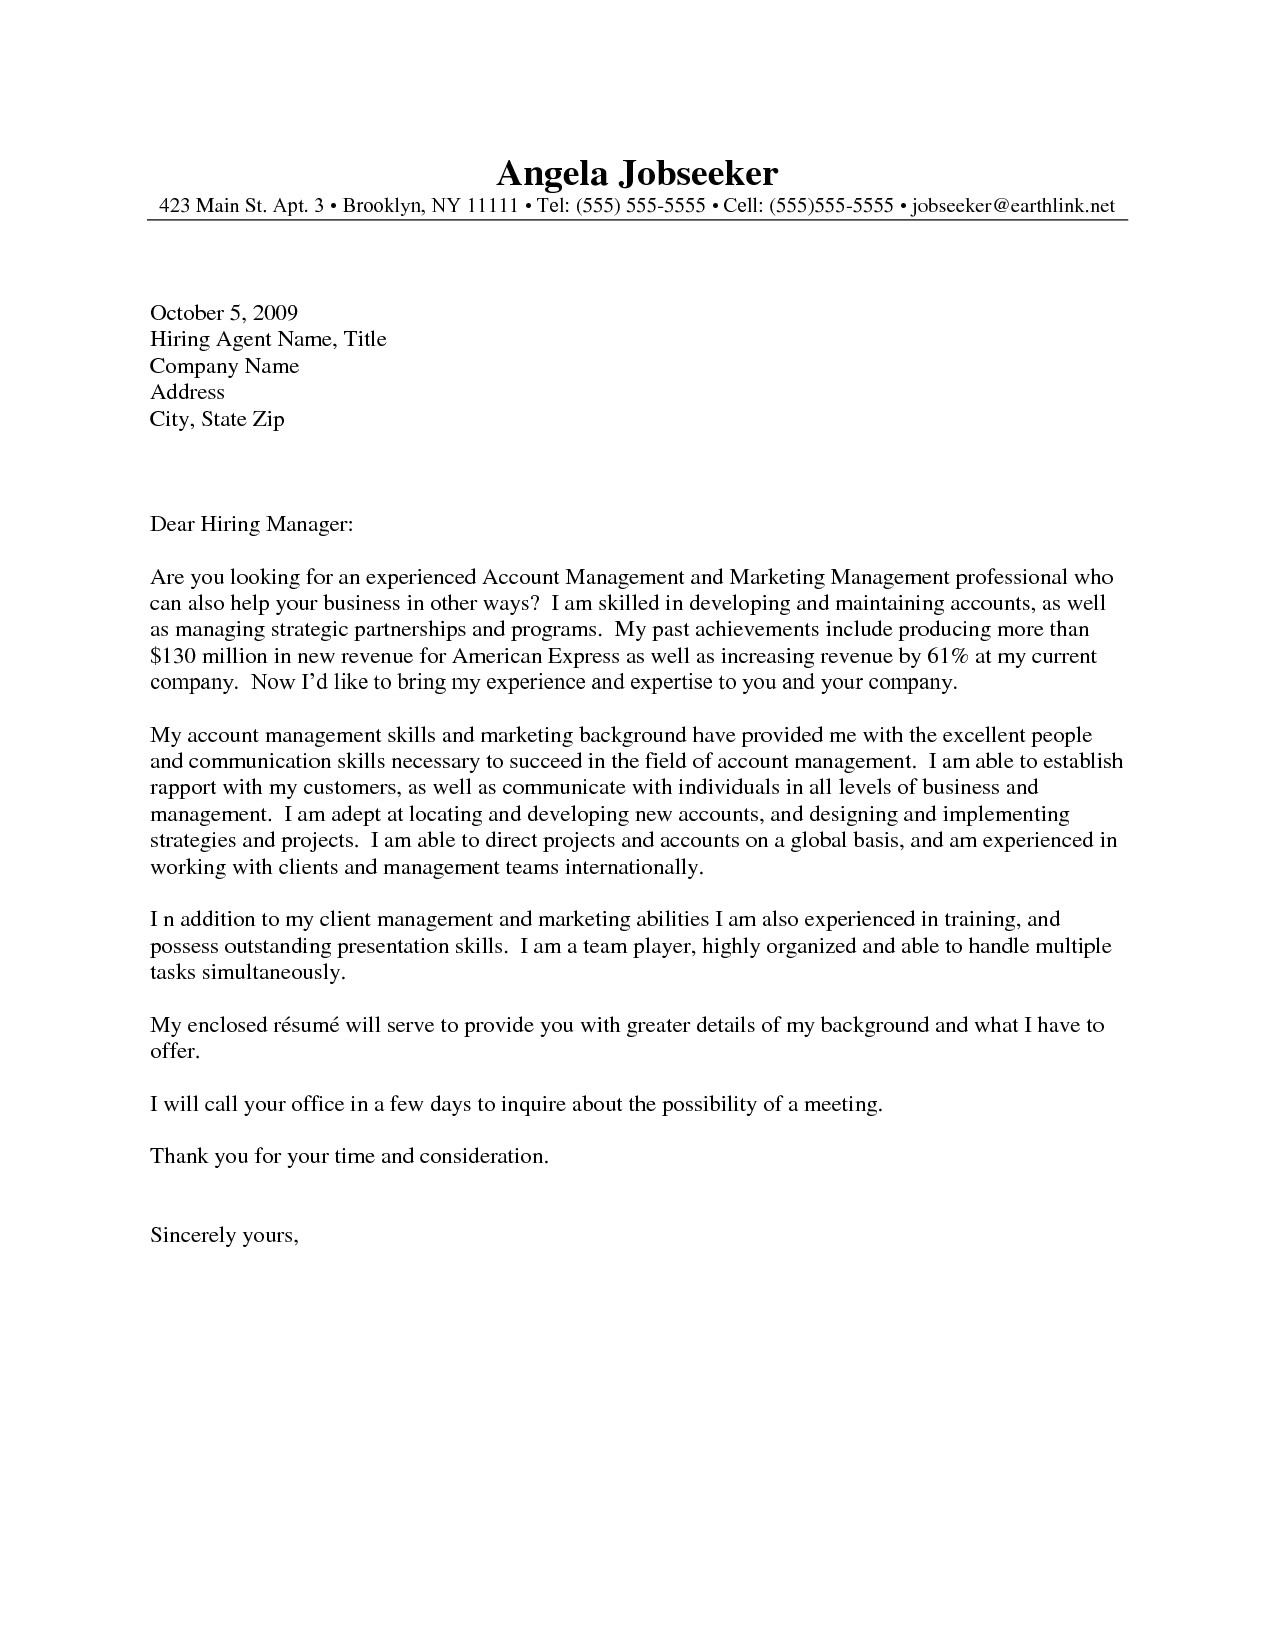 resume cover letter 2839